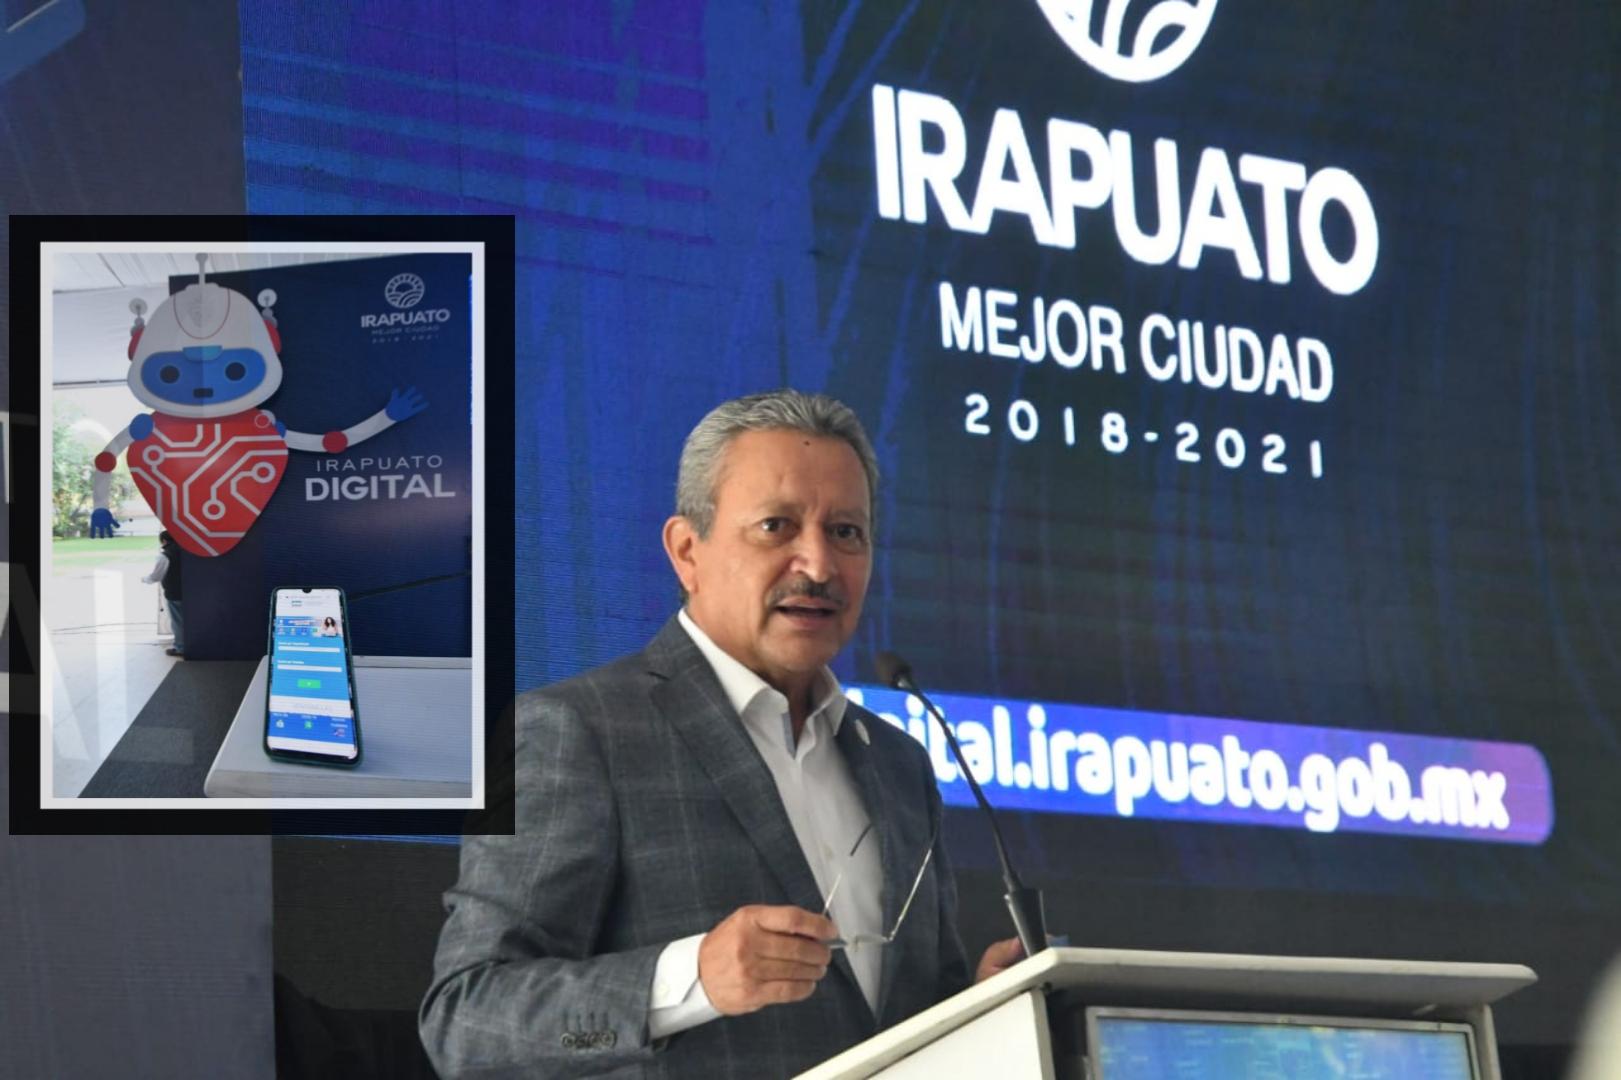 PRESENTAN NUEVO PORTAL 'IRAPUATO DIGITAL' 1